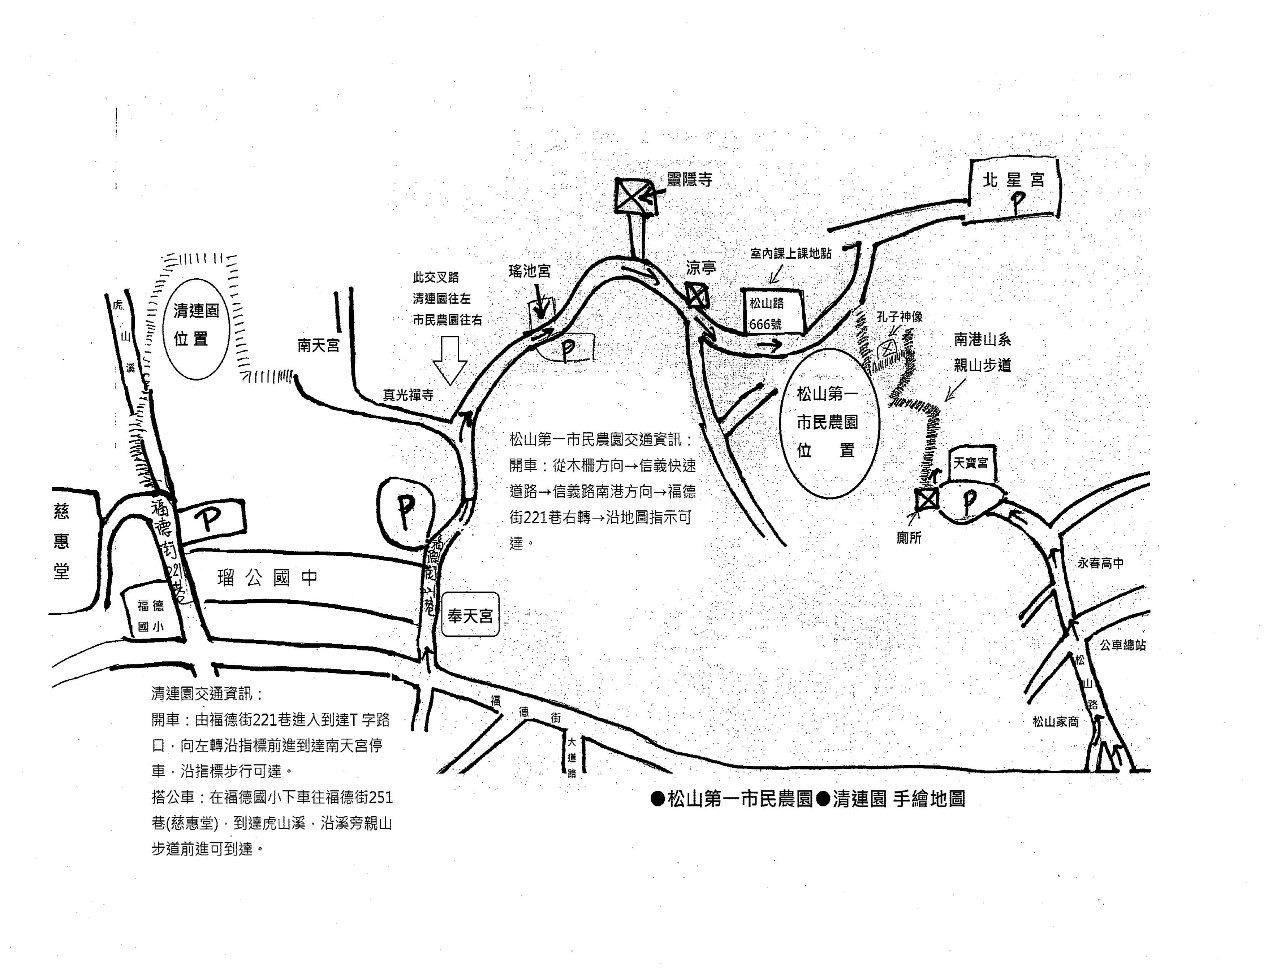 松山第一市民農園-清連園手繪地圖